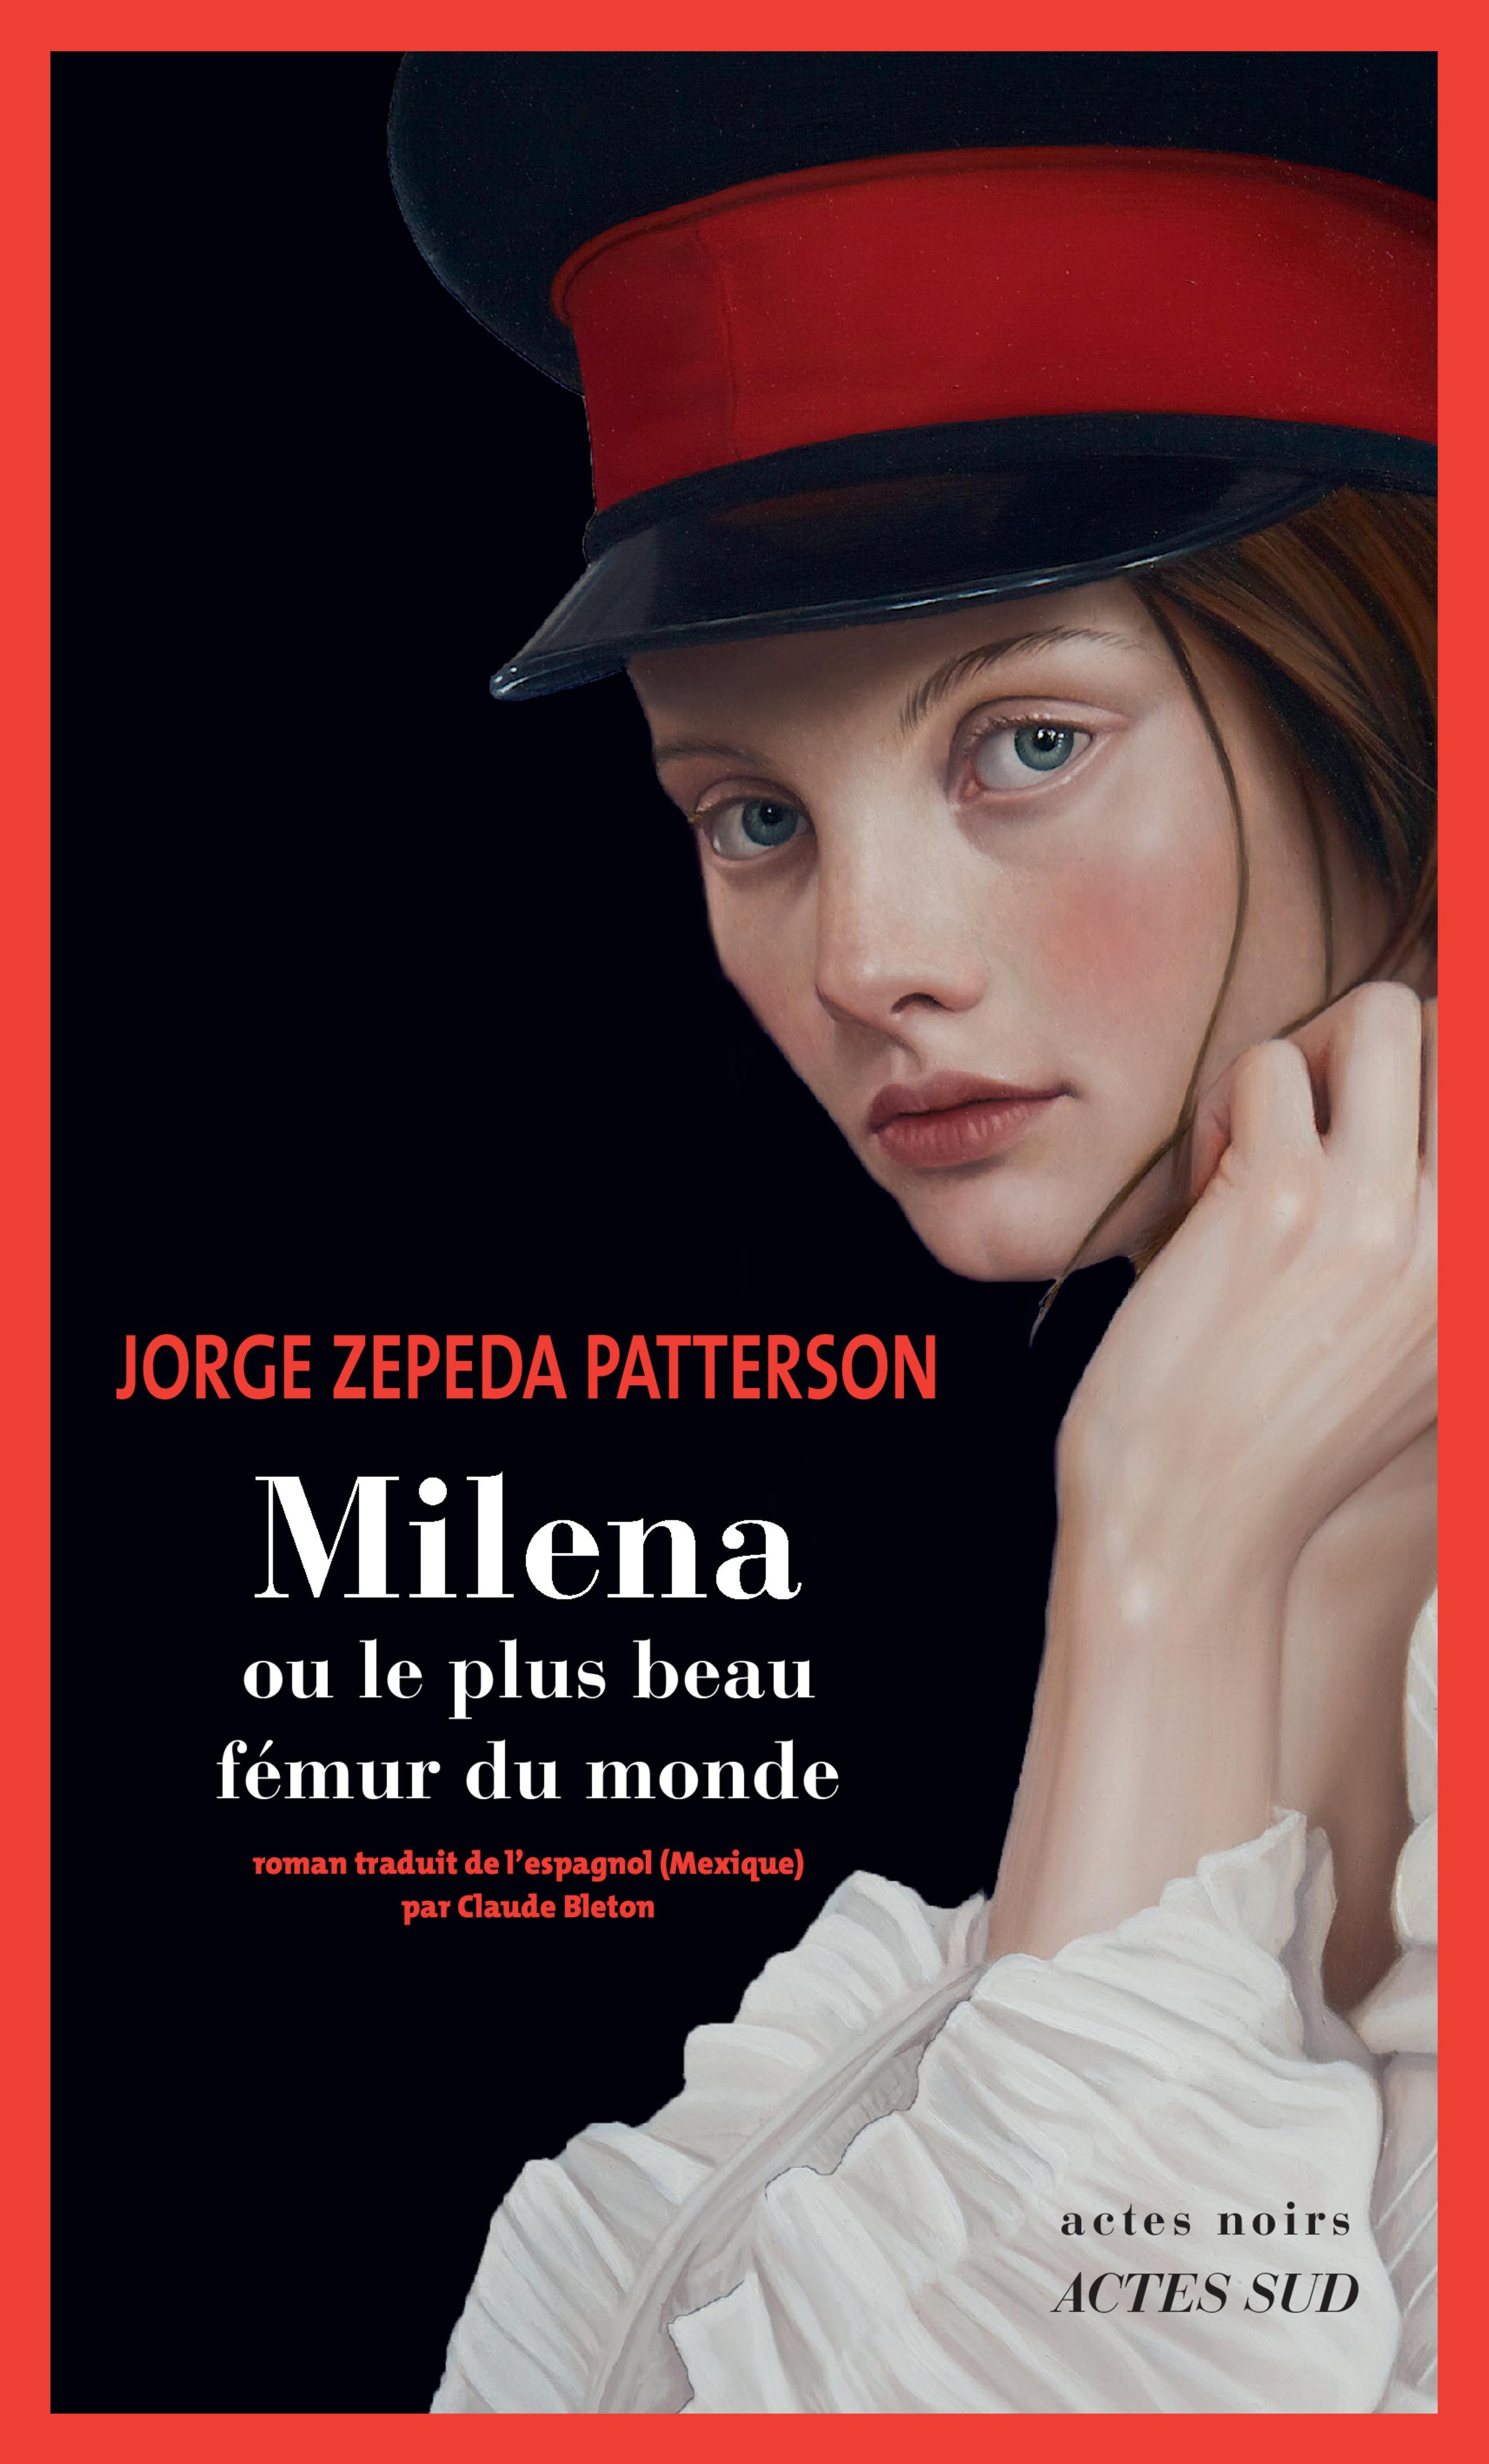 Milena ou le plus beau fémur du monde